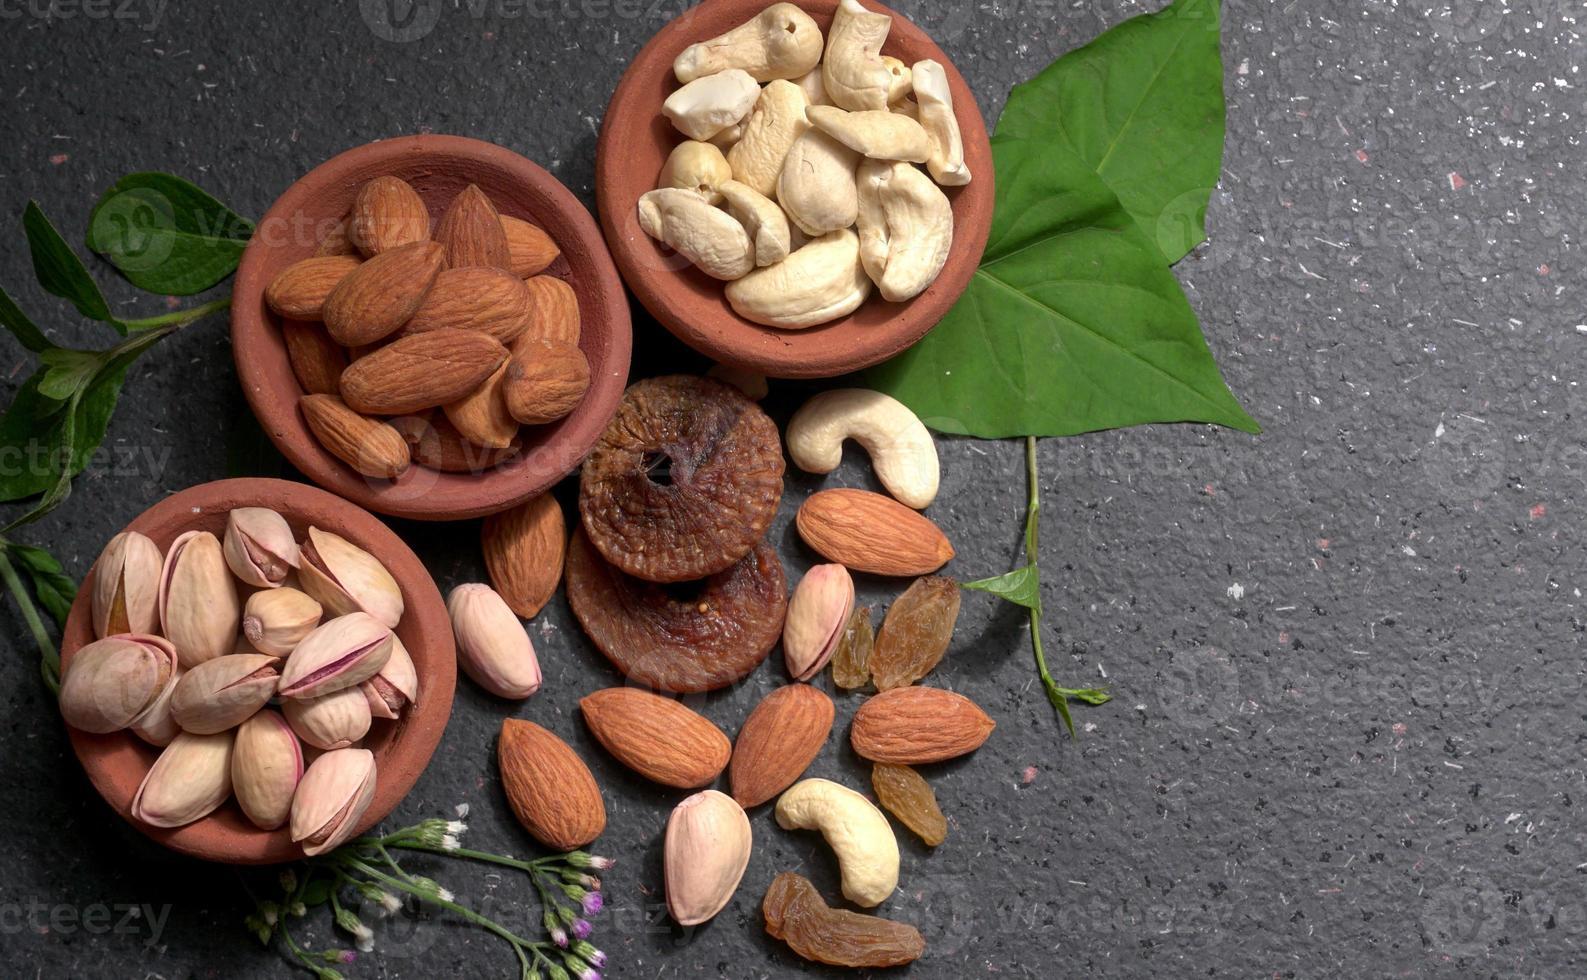 gedroogd fruit, cashewnoten en amandelen. gezond eetconcept. foto